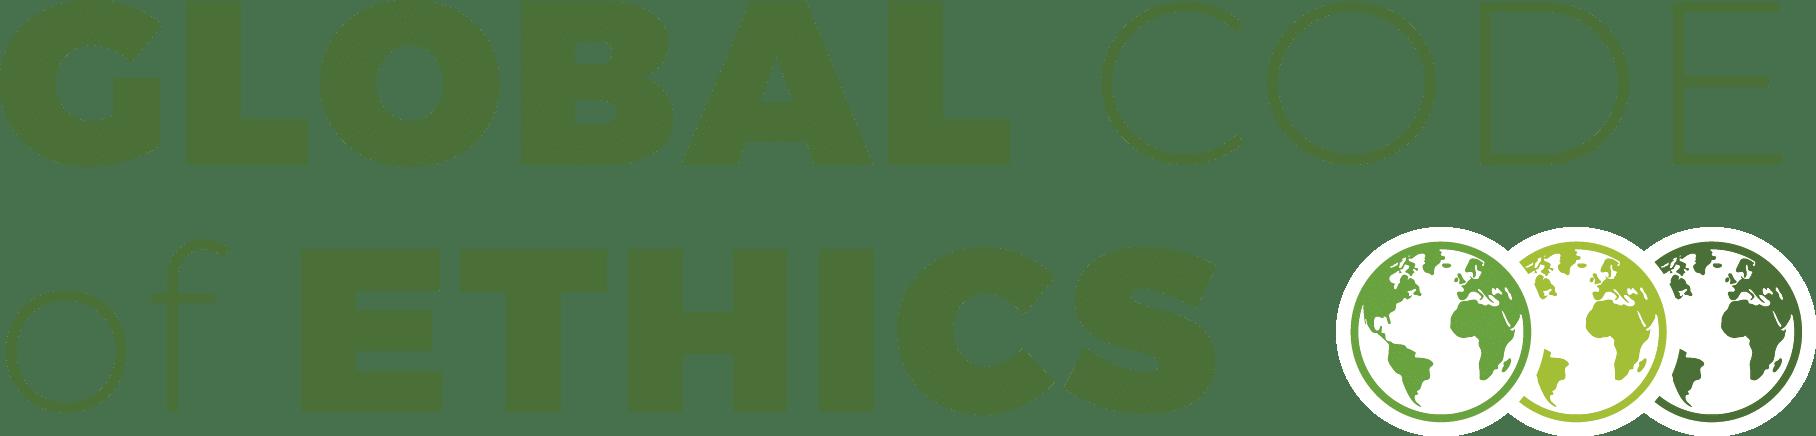 Global code of Ethics